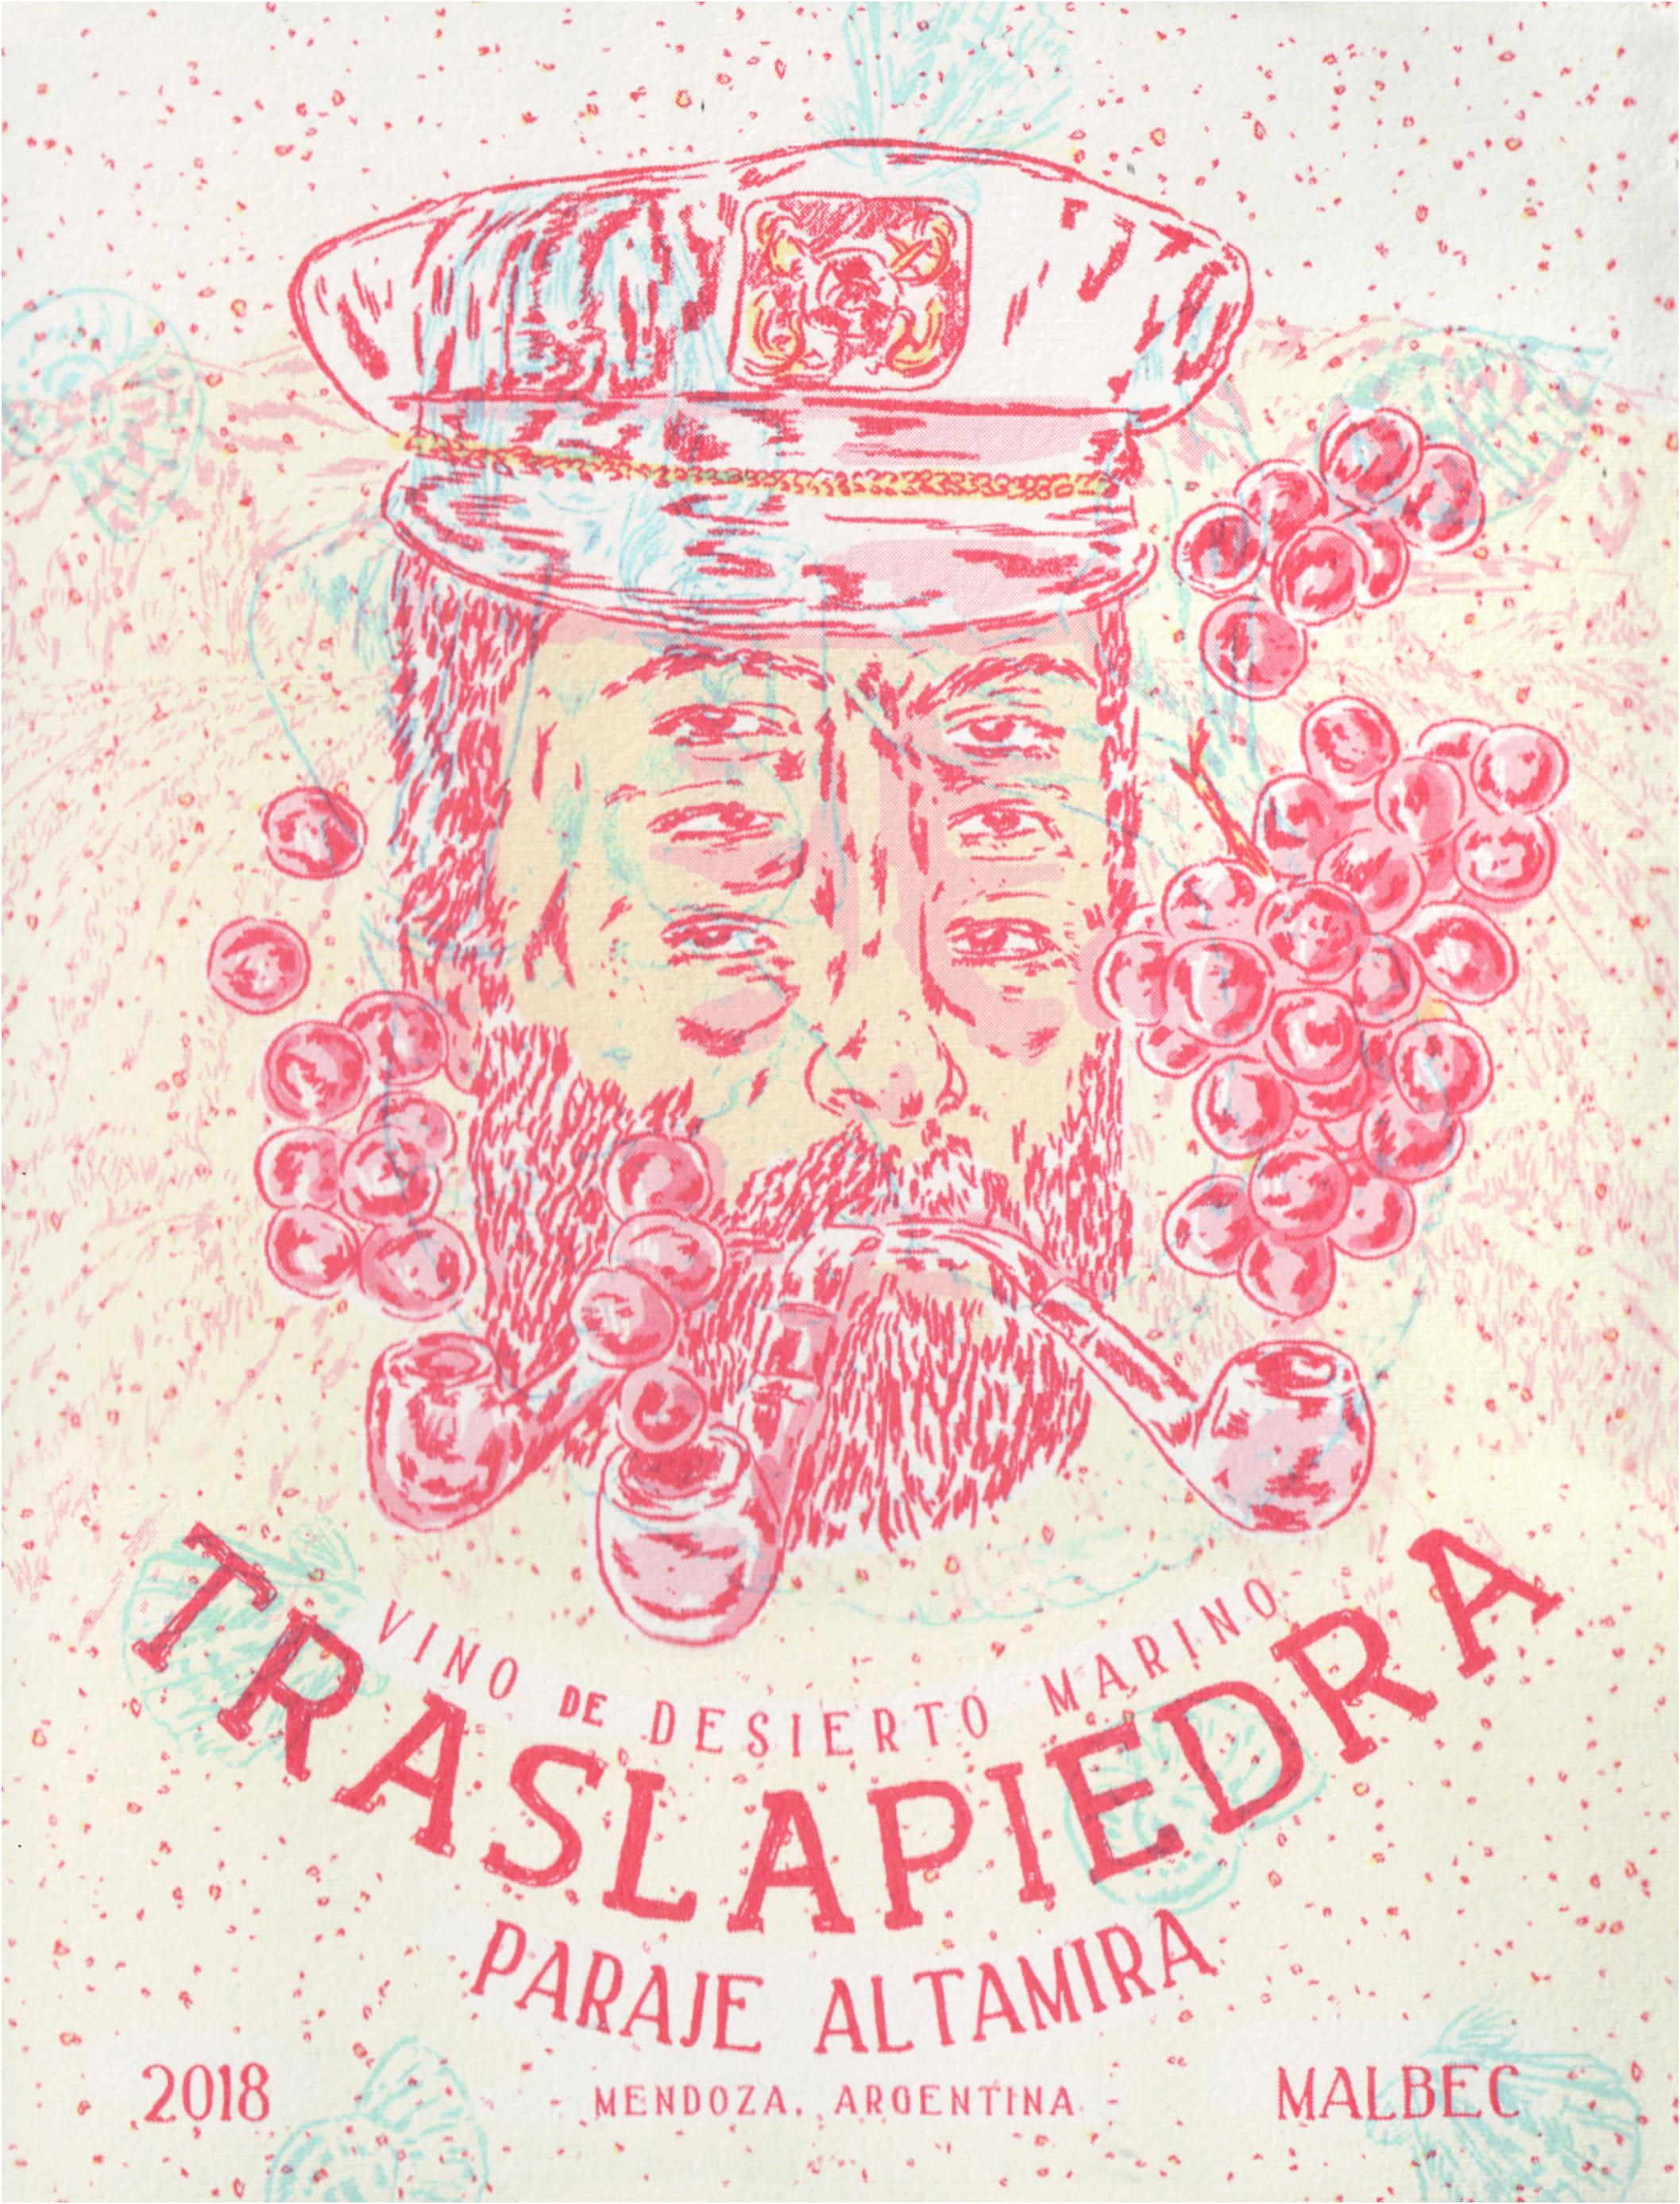 Traslapiedra Malbec Altamira 2018